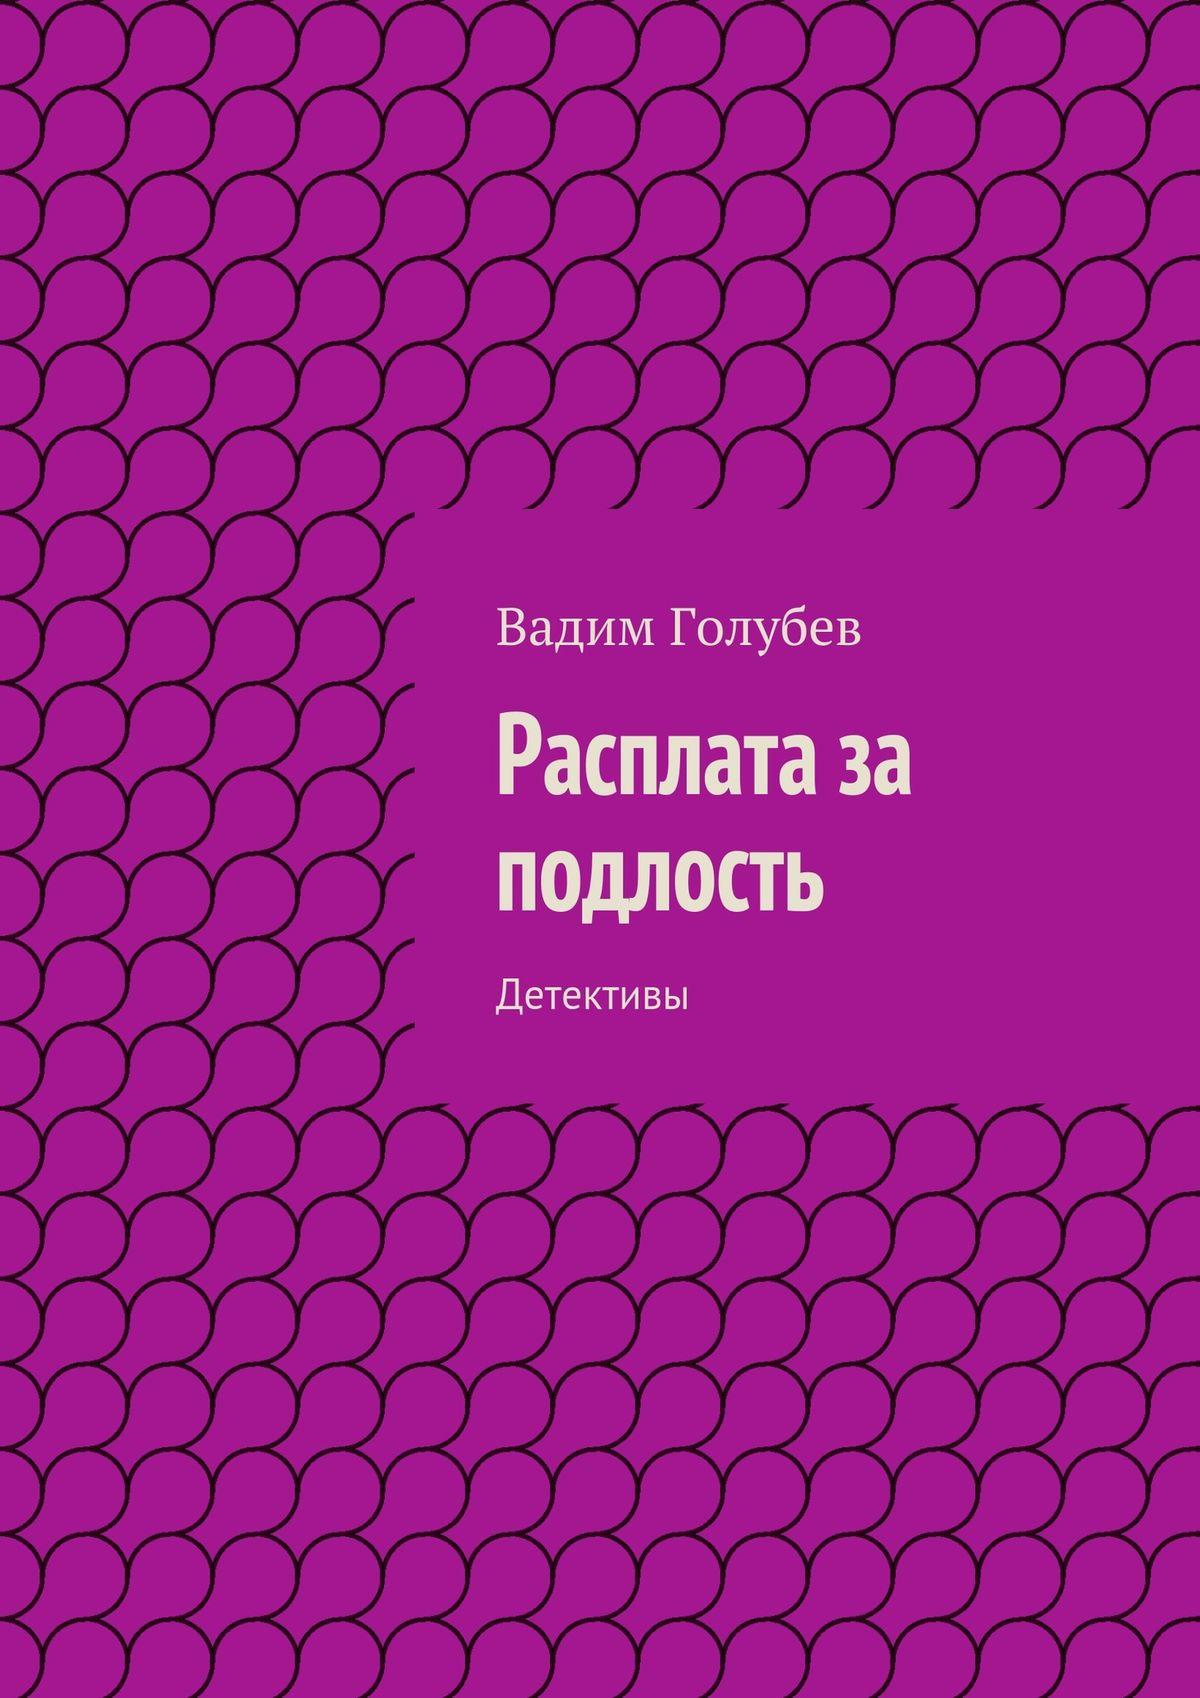 Вадим Голубев Расплата за подлость. Детективы вадим голубев замученные мазохисты детективы